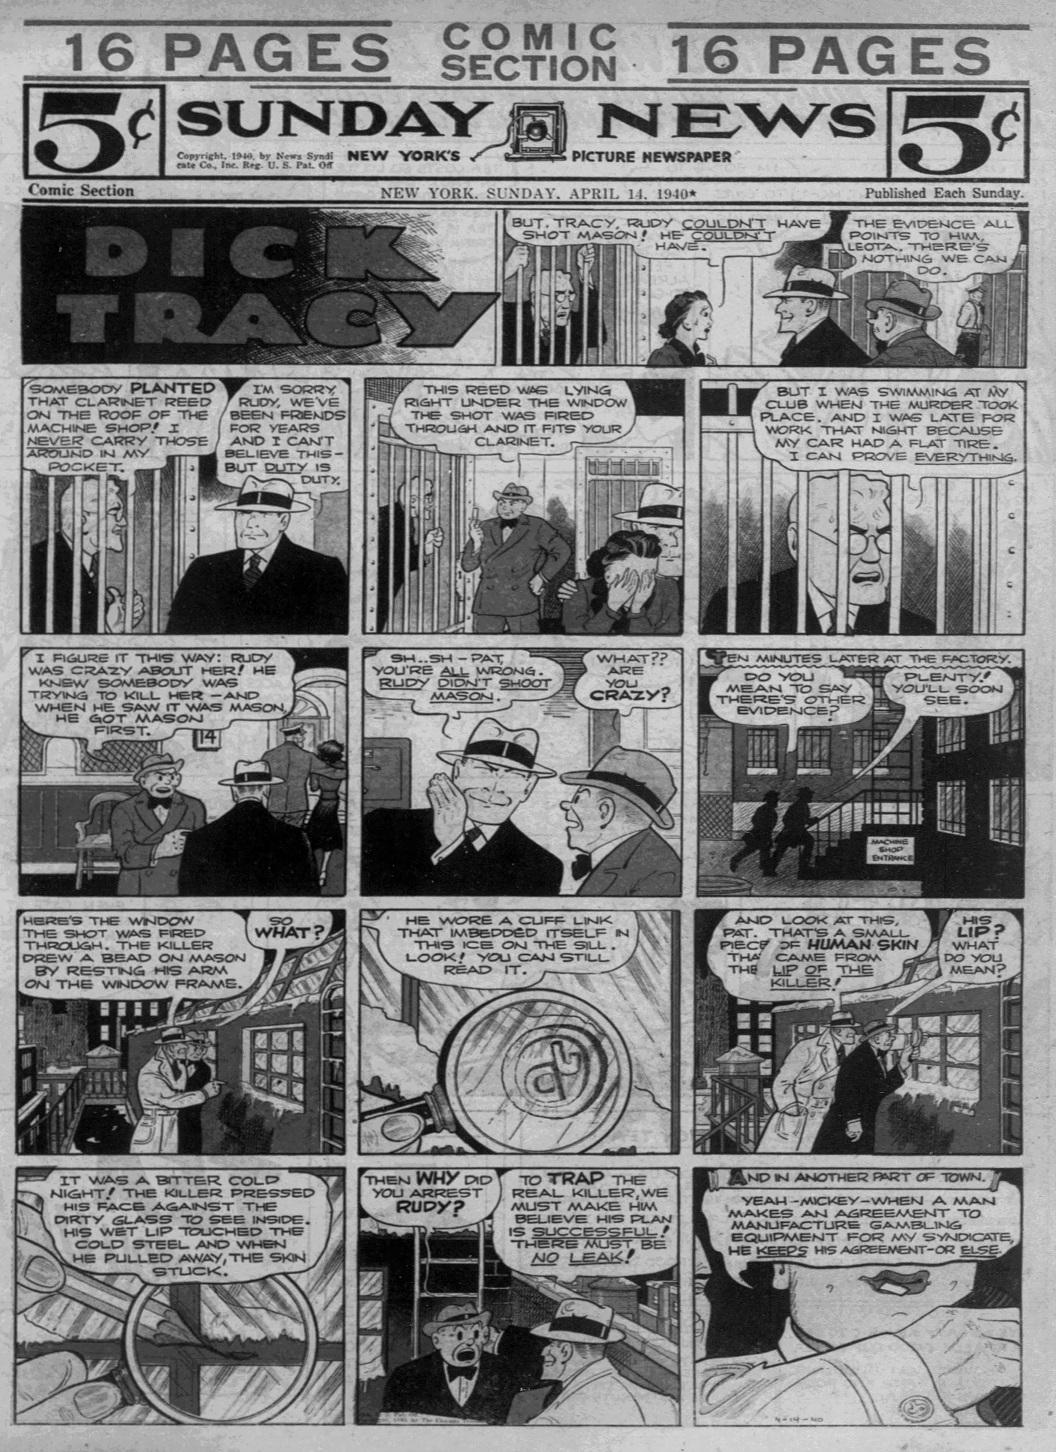 Daily_News_Sun__Apr_14__1940_(3).jpg